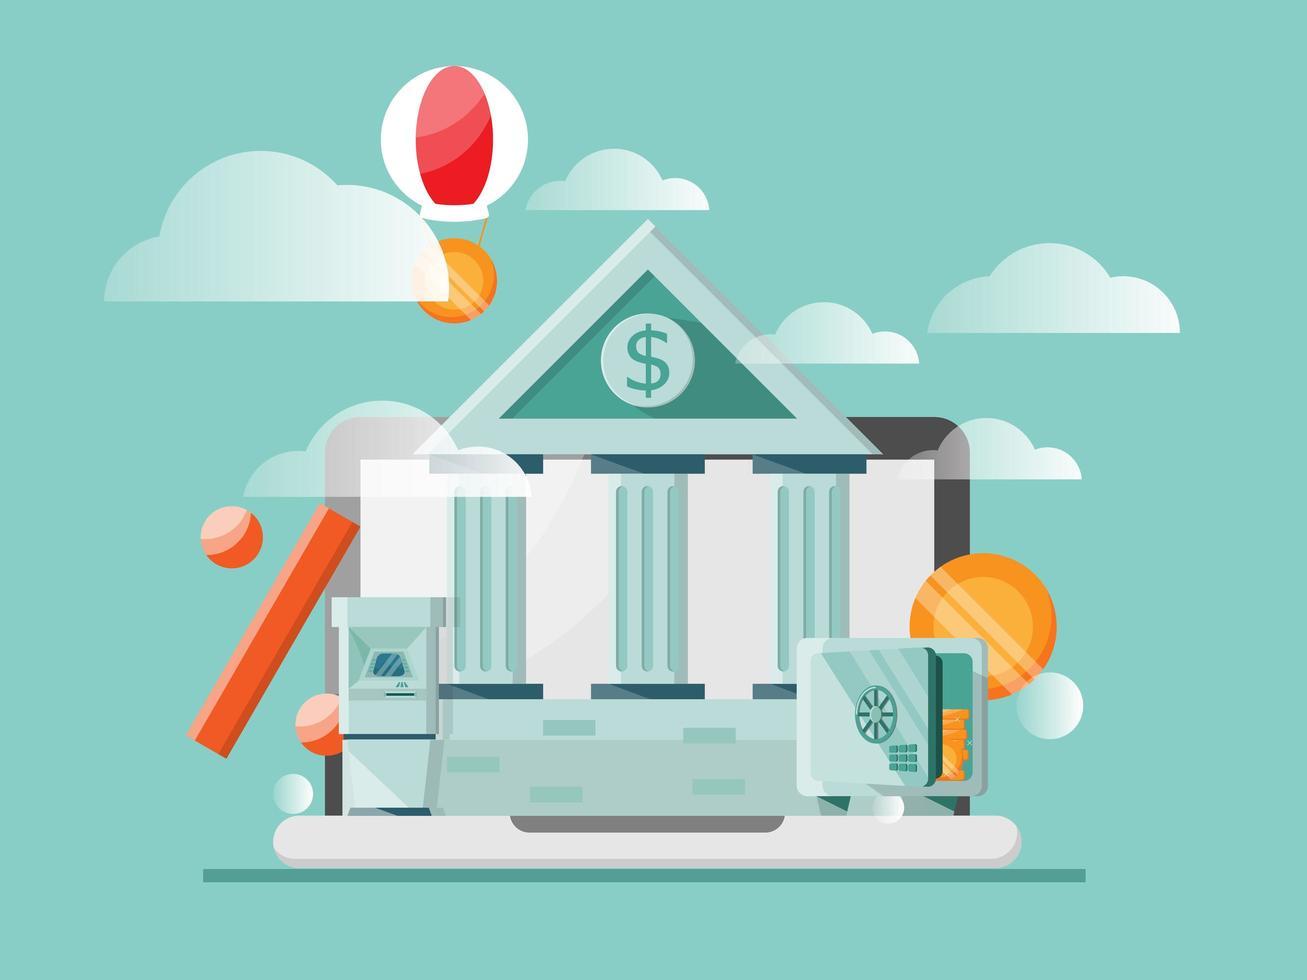 online bankieren concept vectorillustratie vector